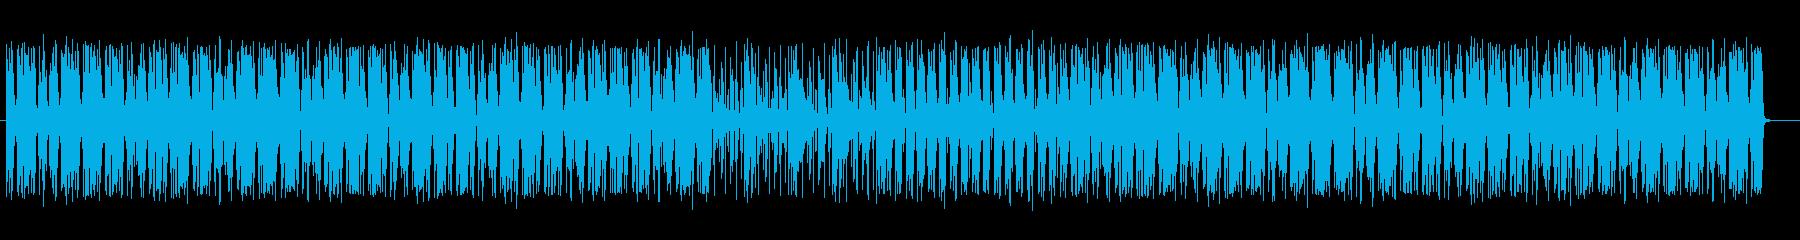 ドラムが際立つシャッフルビートの再生済みの波形